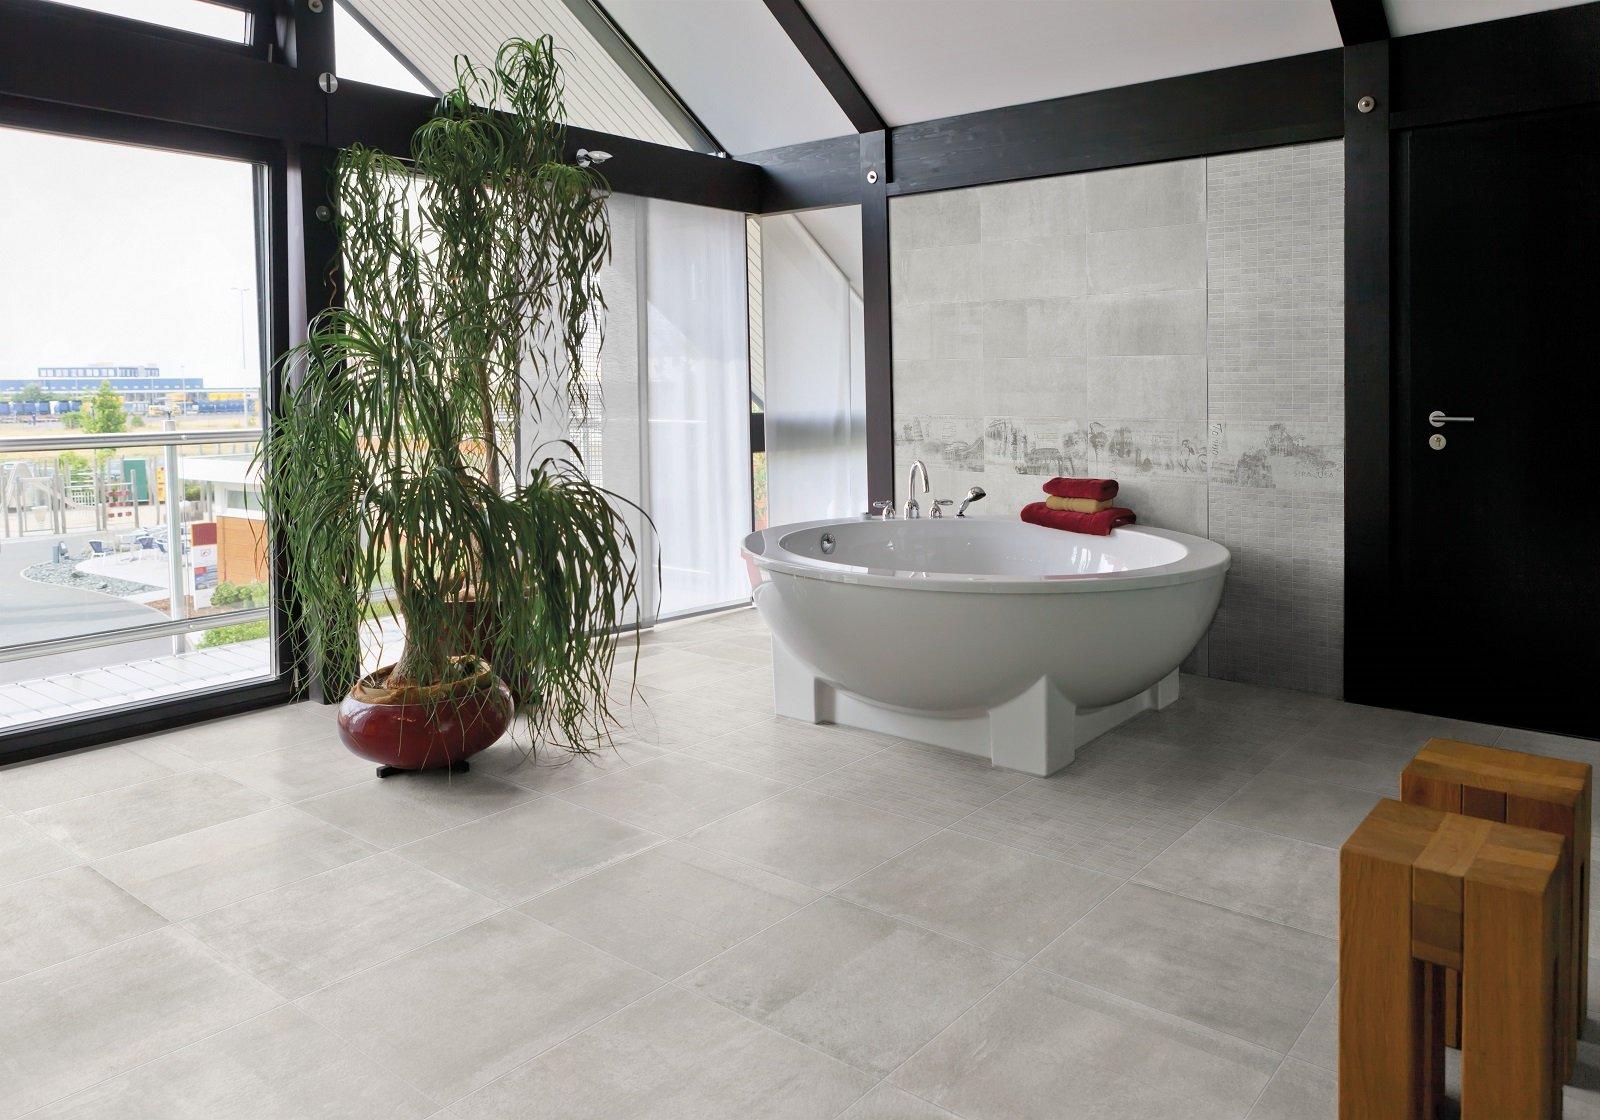 Pavimenti per il bagno gres in tante versioni - Pavimento bagno consigli ...